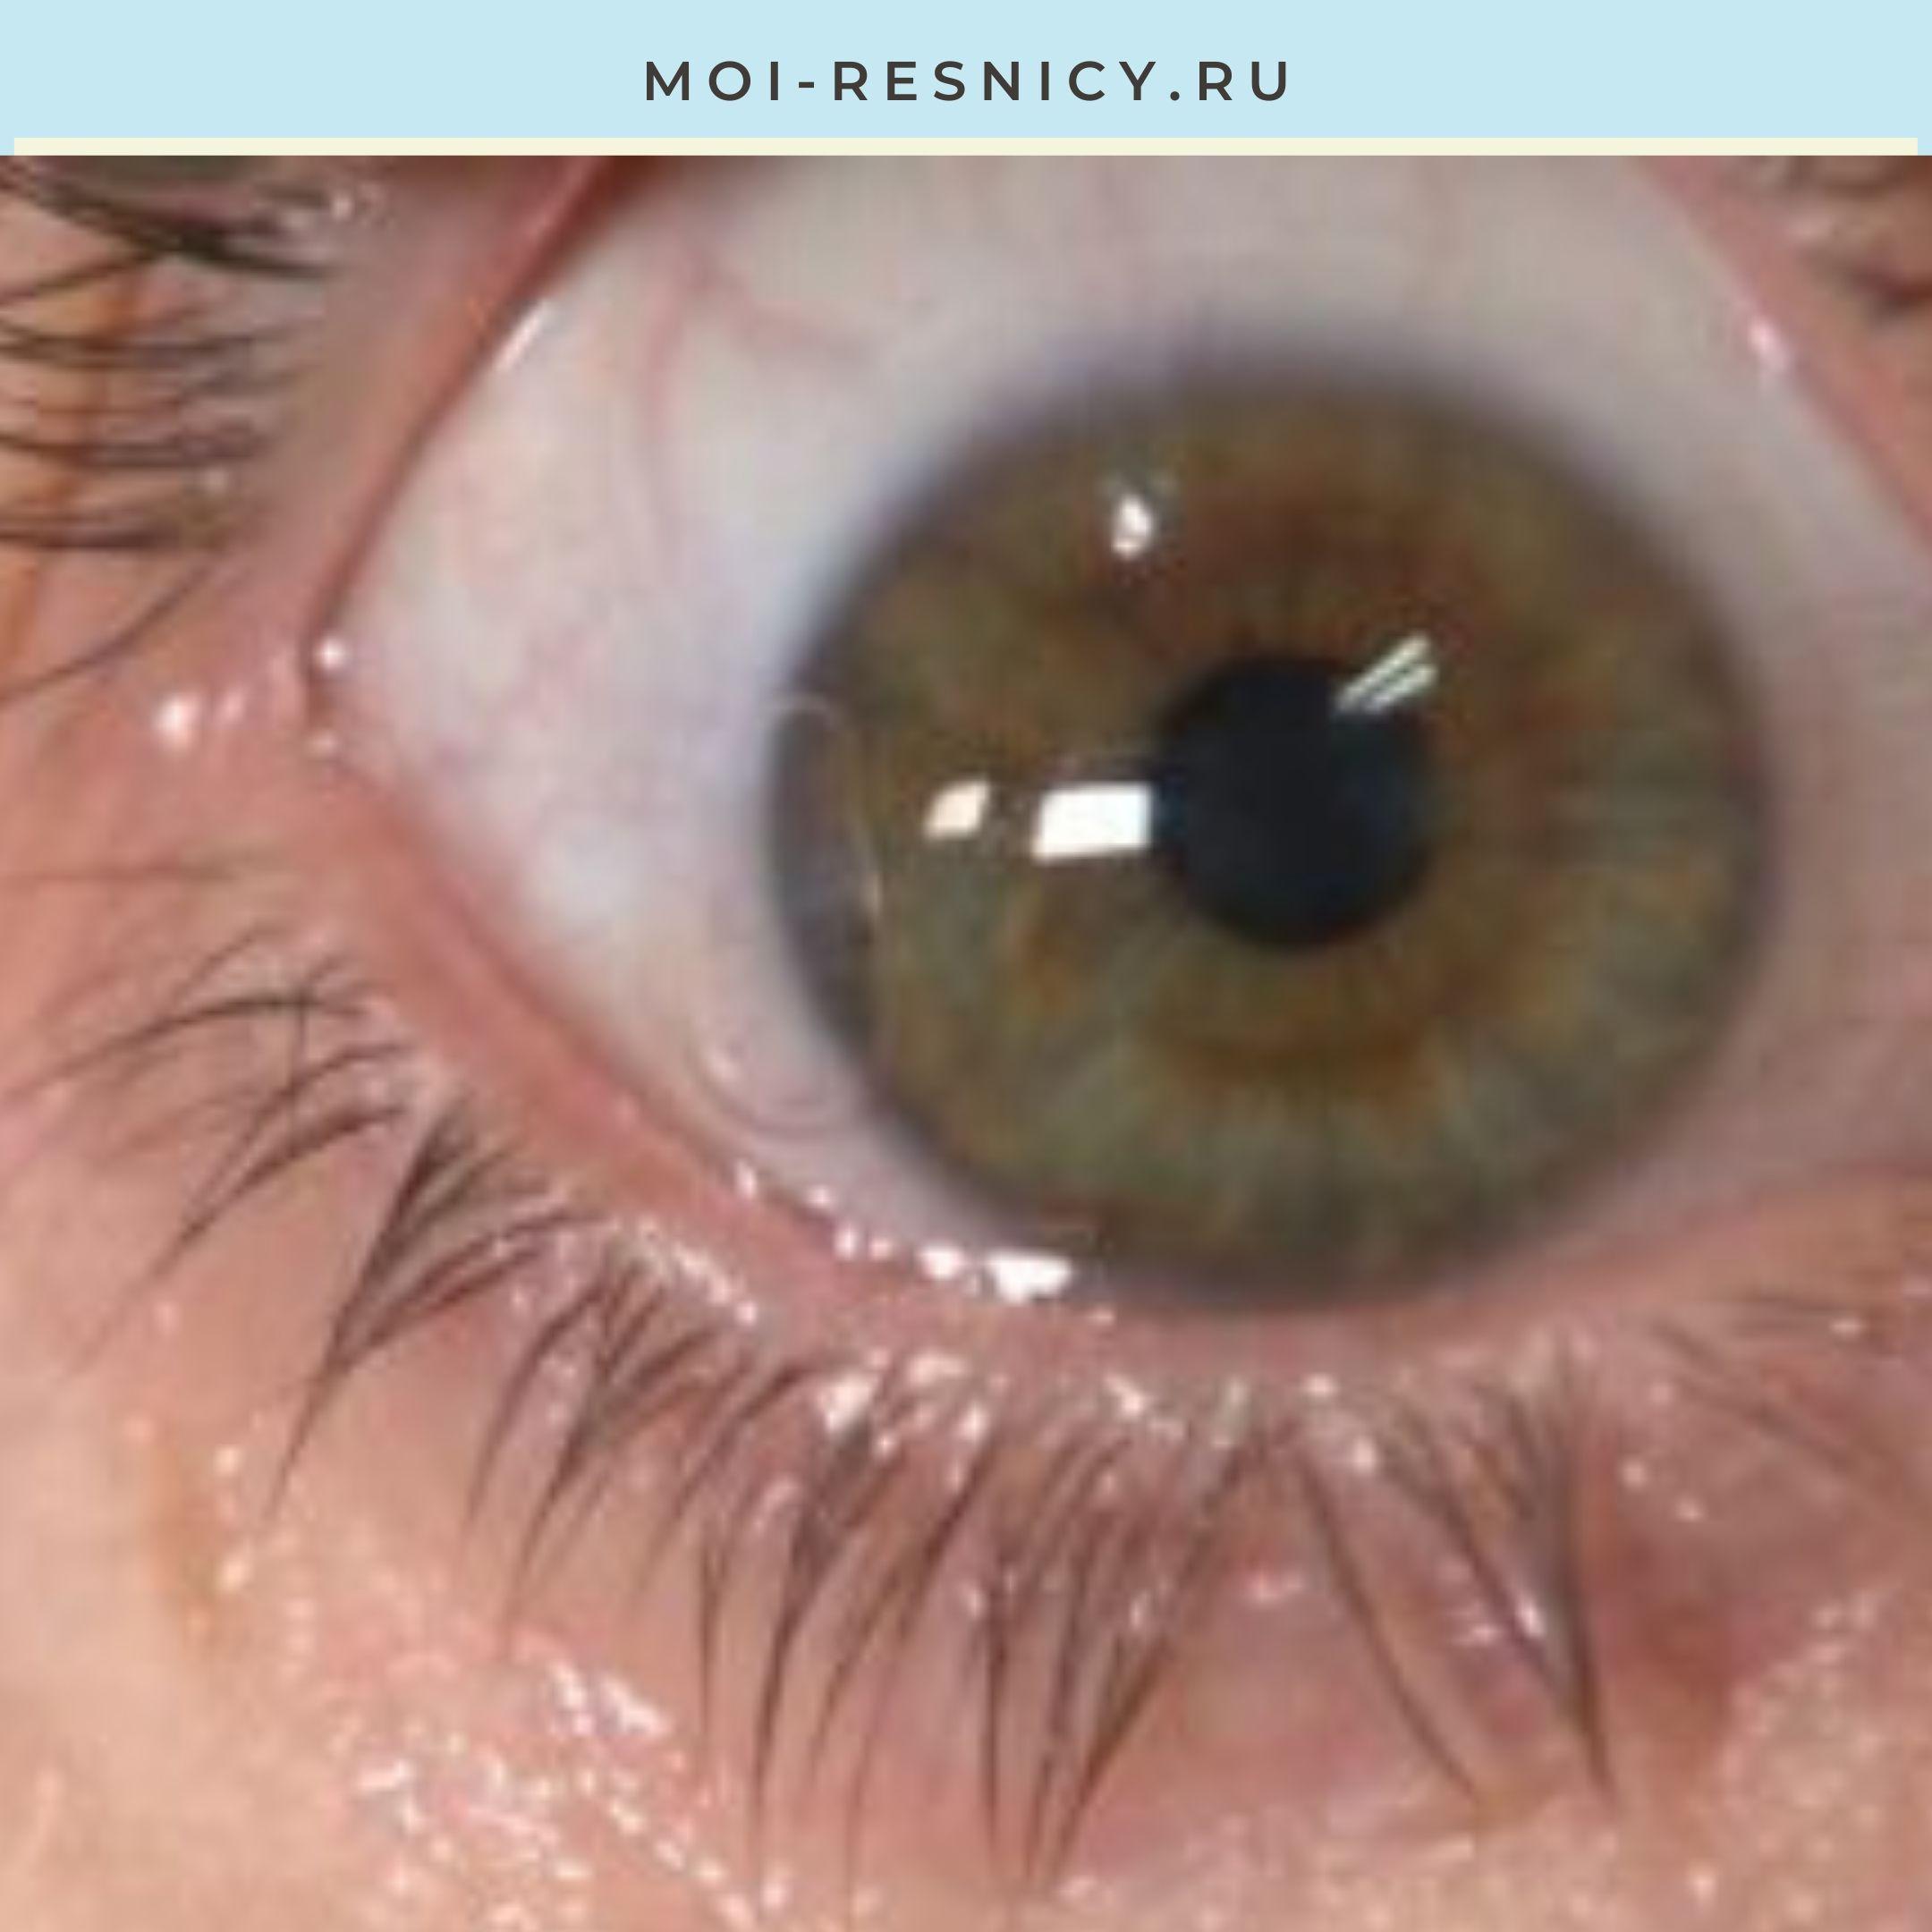 белый налет и ожог глаза после наращивания ресниц